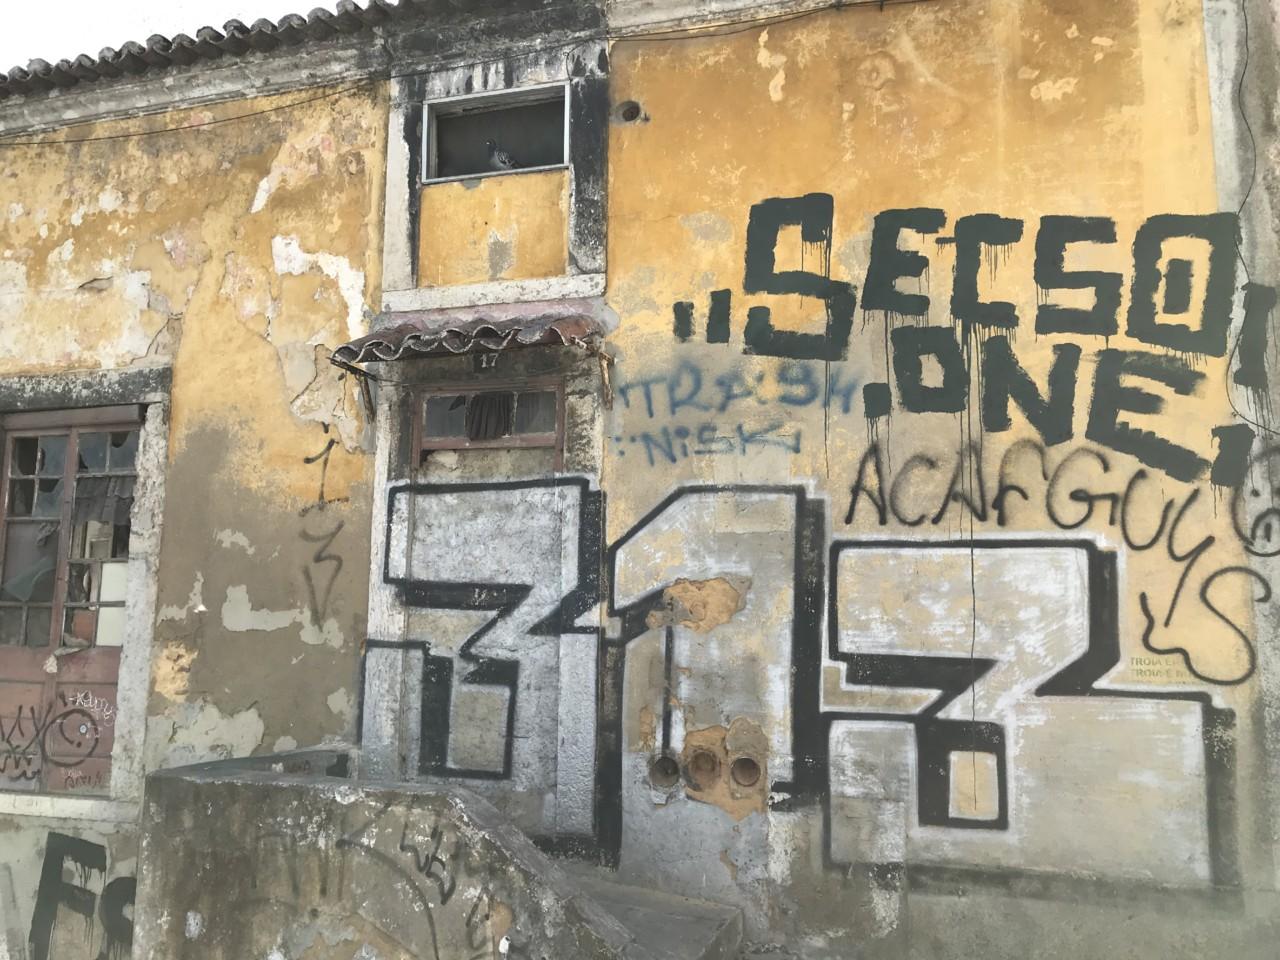 Setúbal,2019-Photo 07-09-2019, 11 19 34.jpg